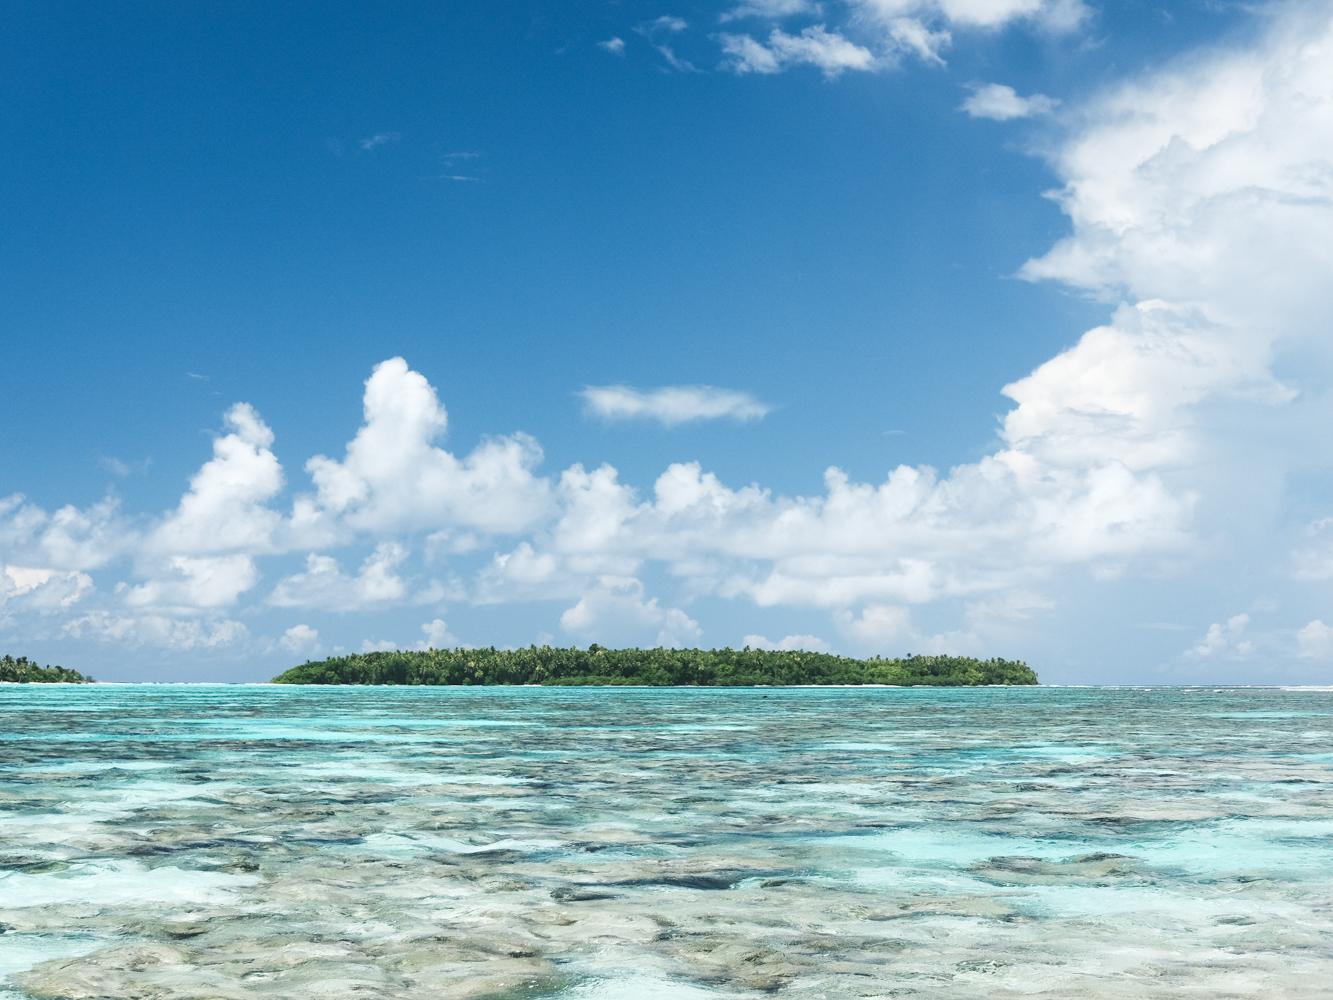 Tahiti-Cookwilltravel.jpg